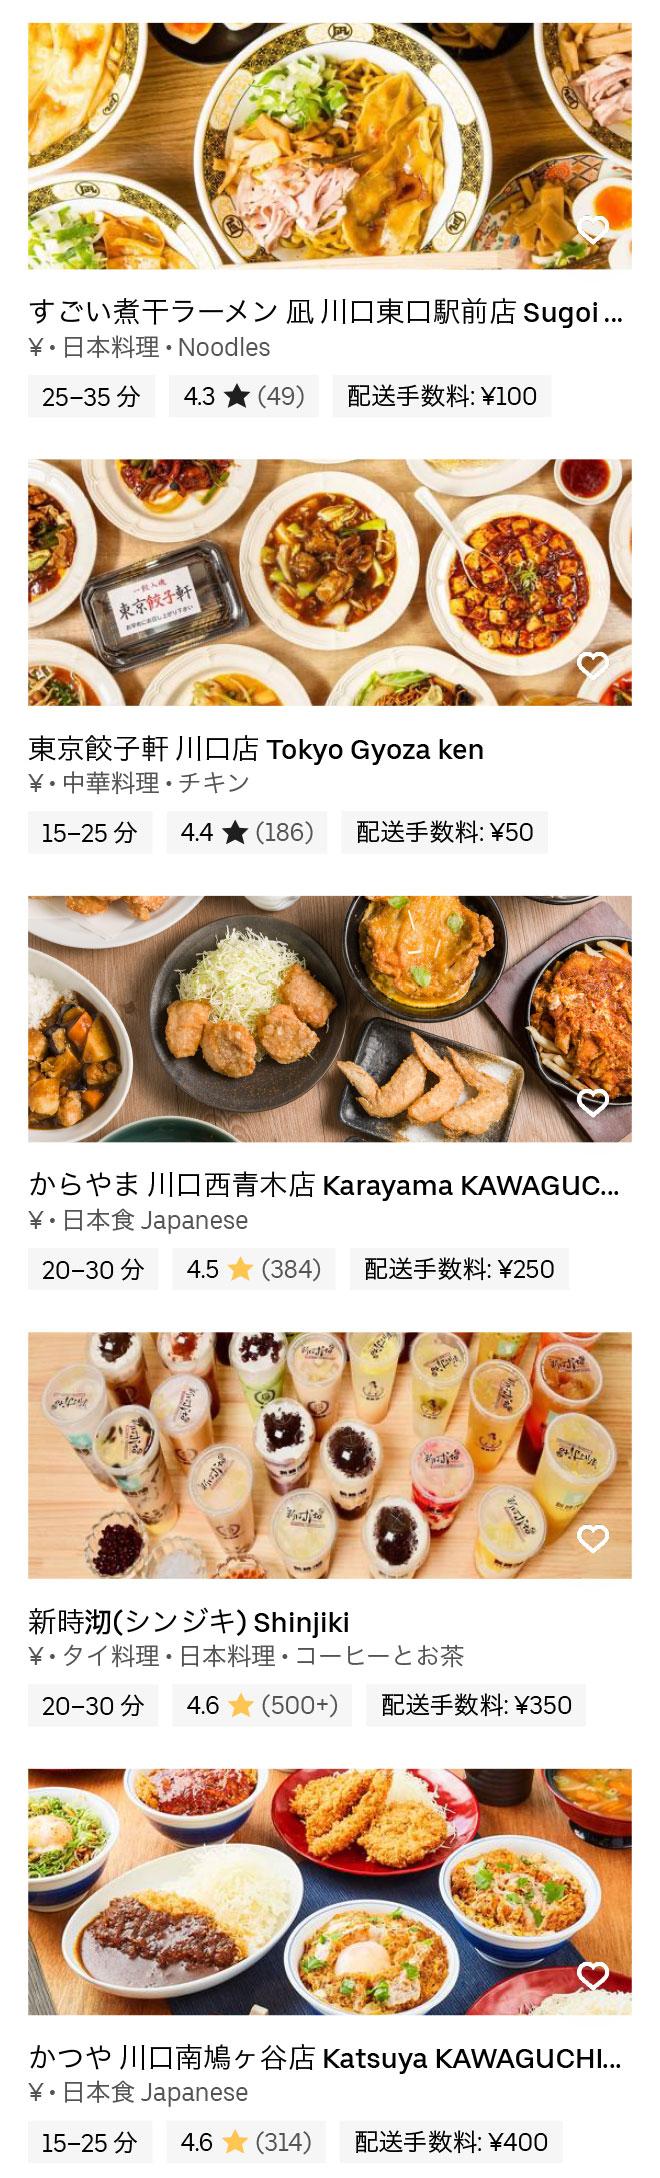 Saitama kawaguchi 200305